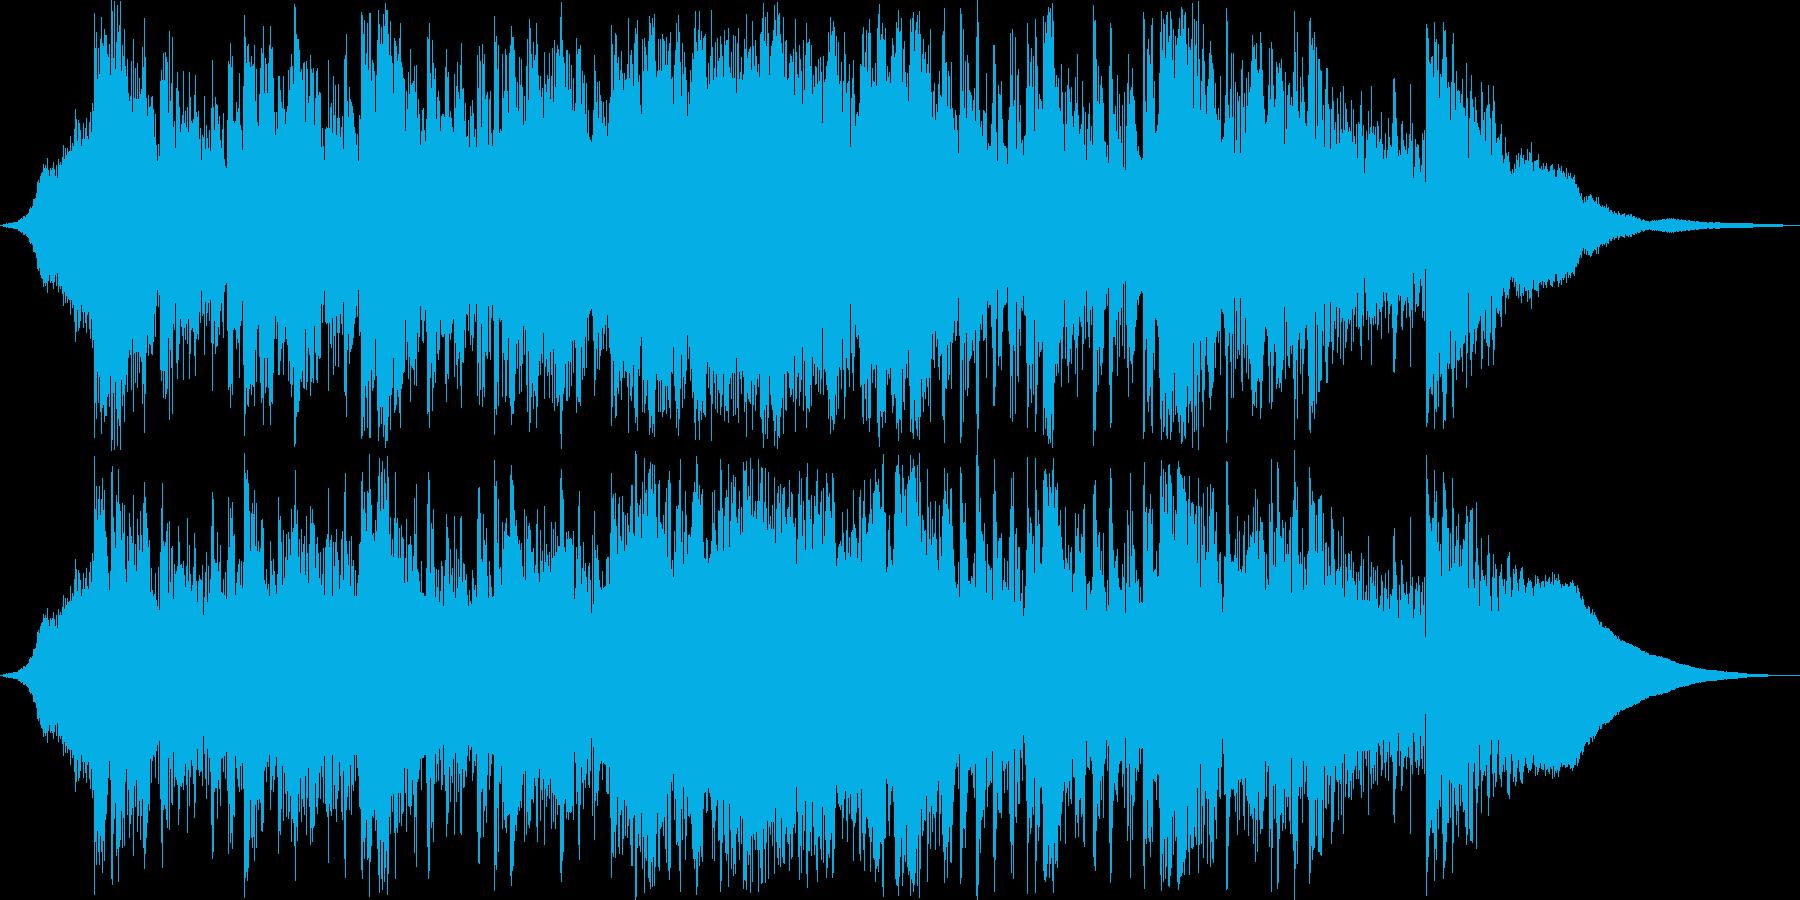 和を感じさせる緊迫したリズムとサウンドの再生済みの波形